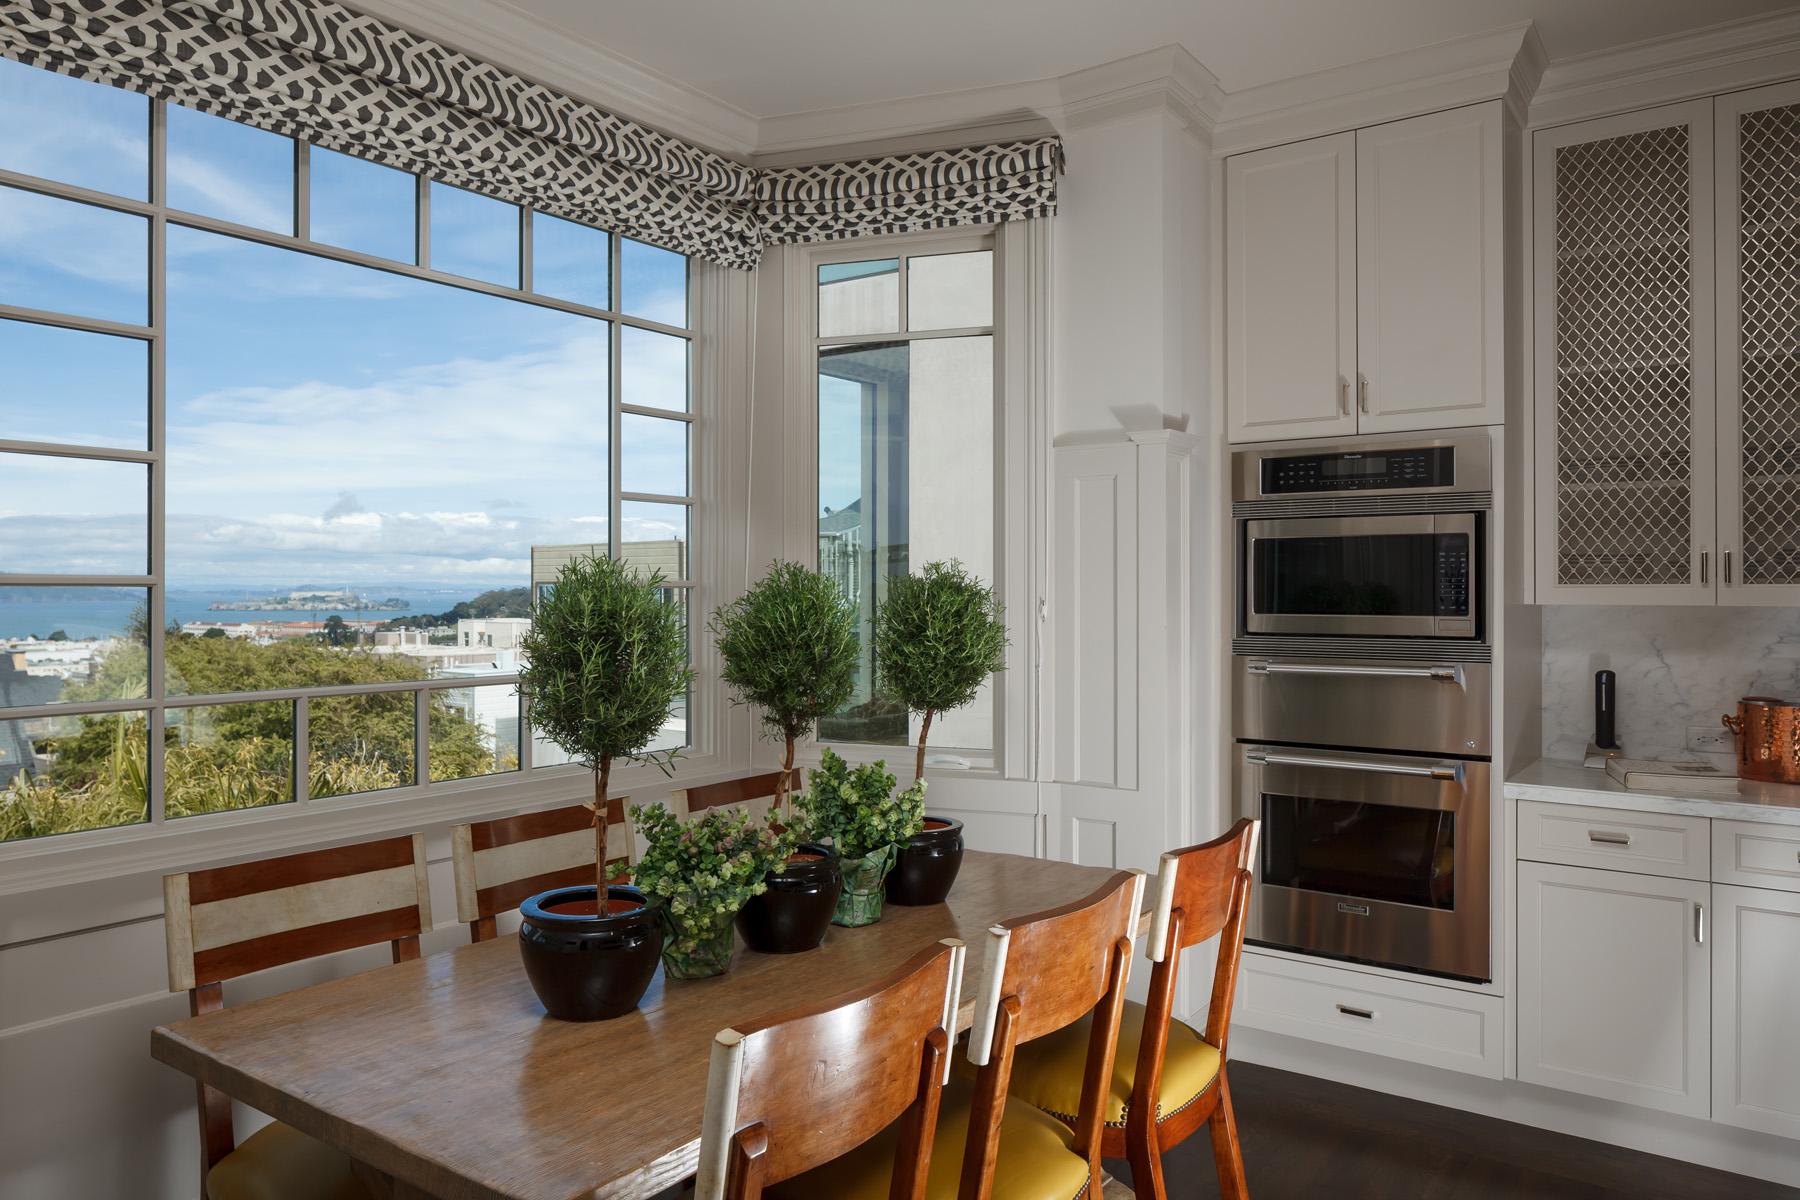 Kitchen_View_7901.jpg